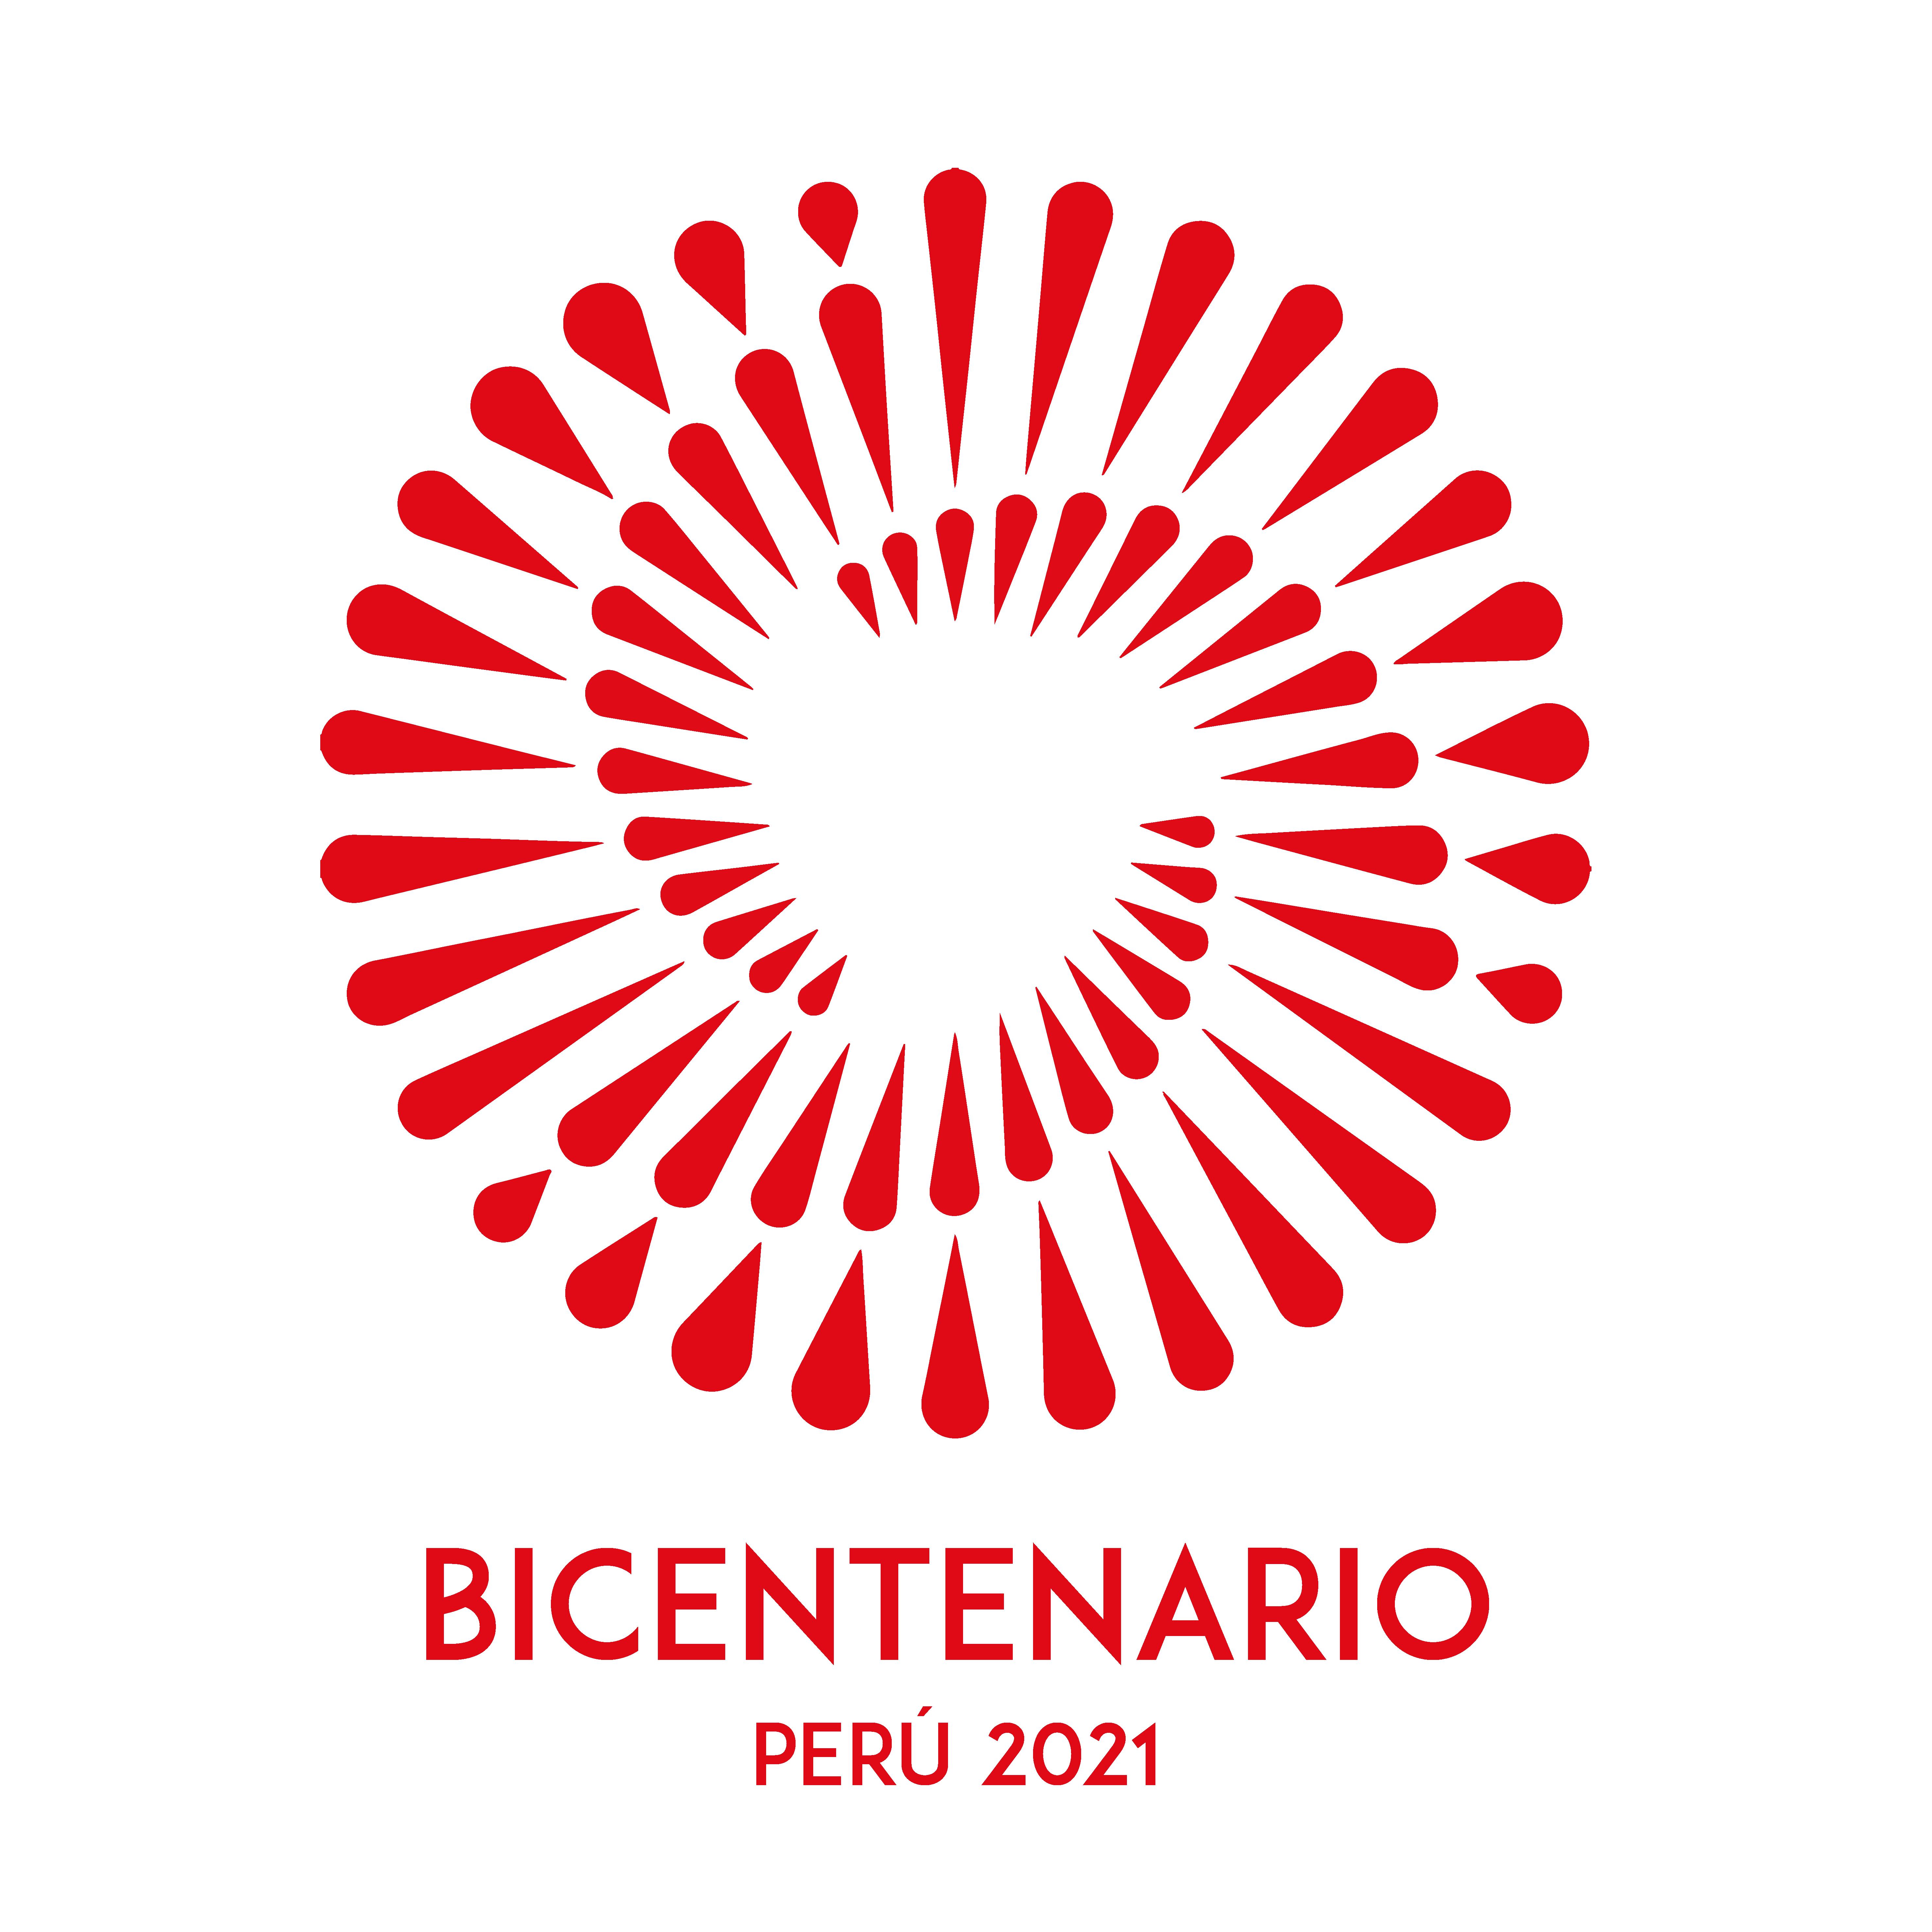 SOMOS PARTE DEL BICENTENARIO